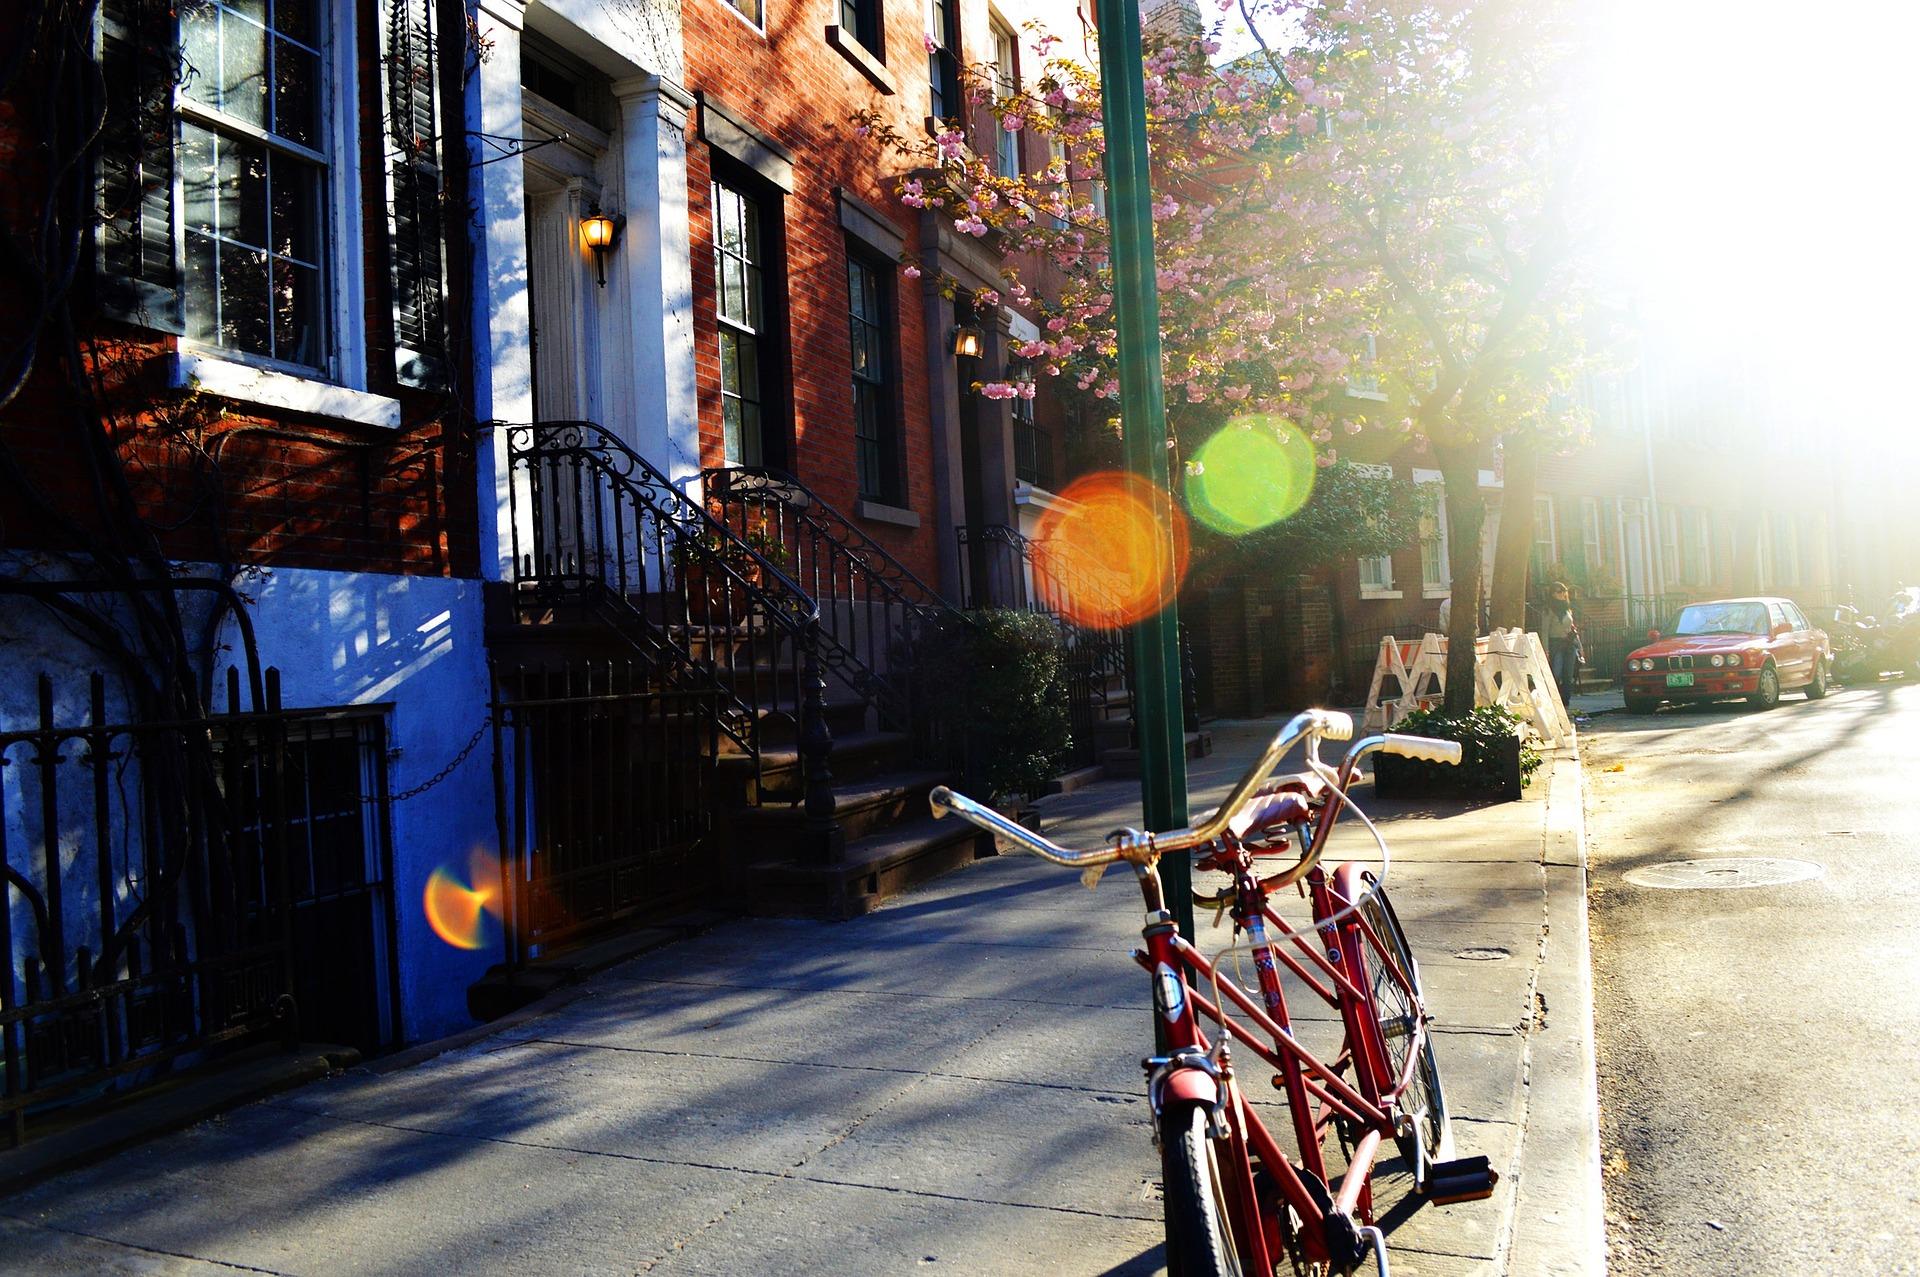 شش ویژگی مهم یک محله خوب